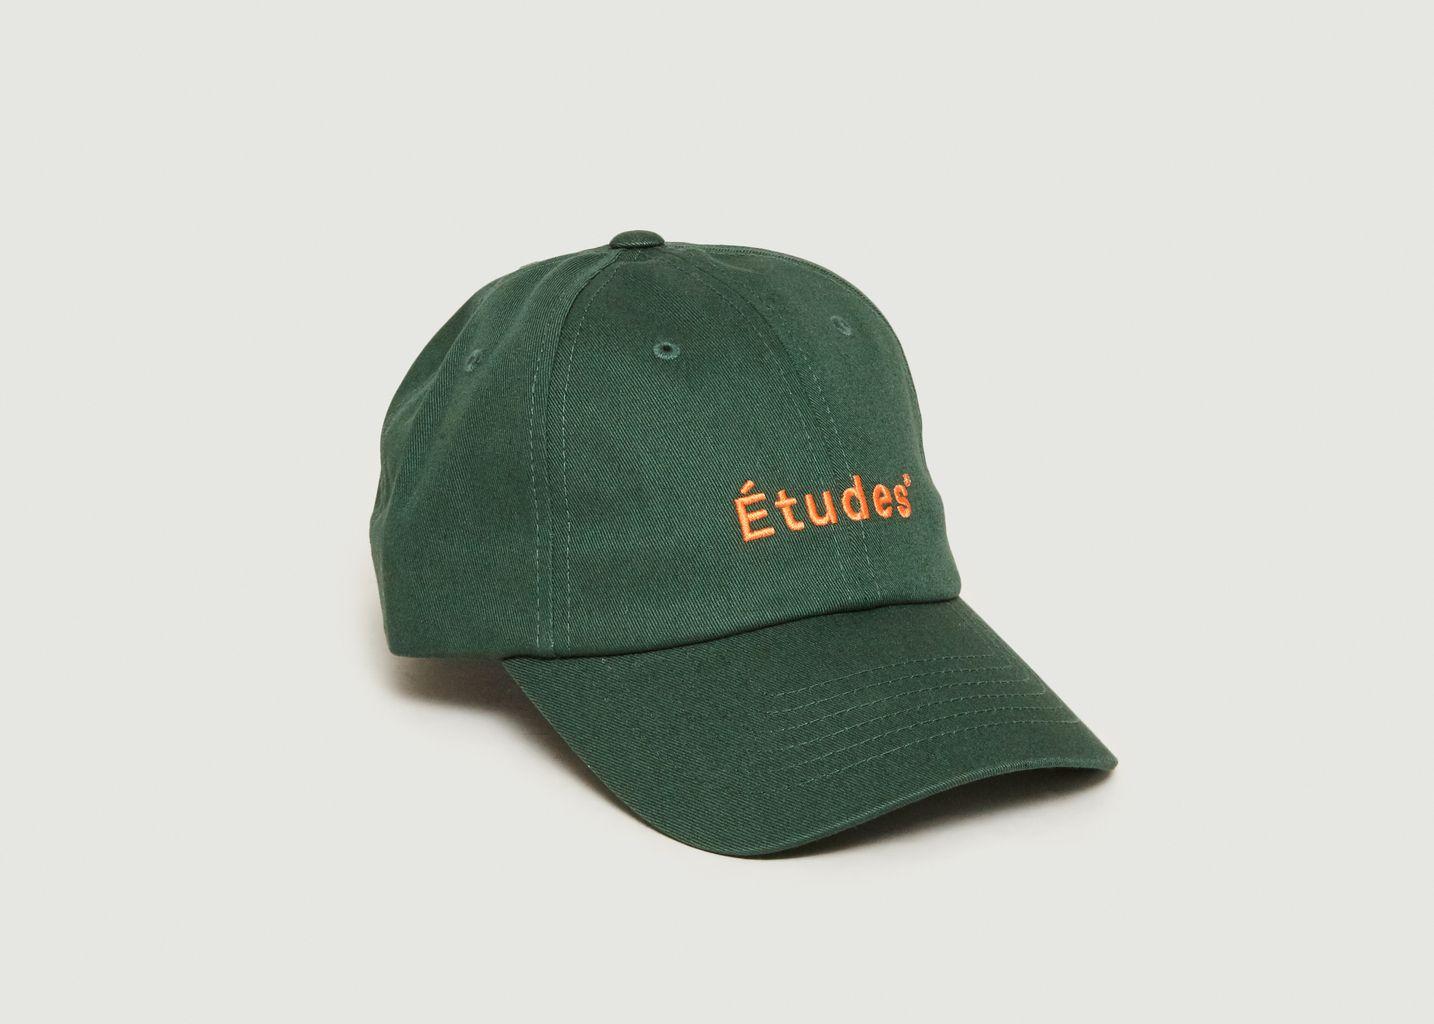 Casquette Etudes - Études